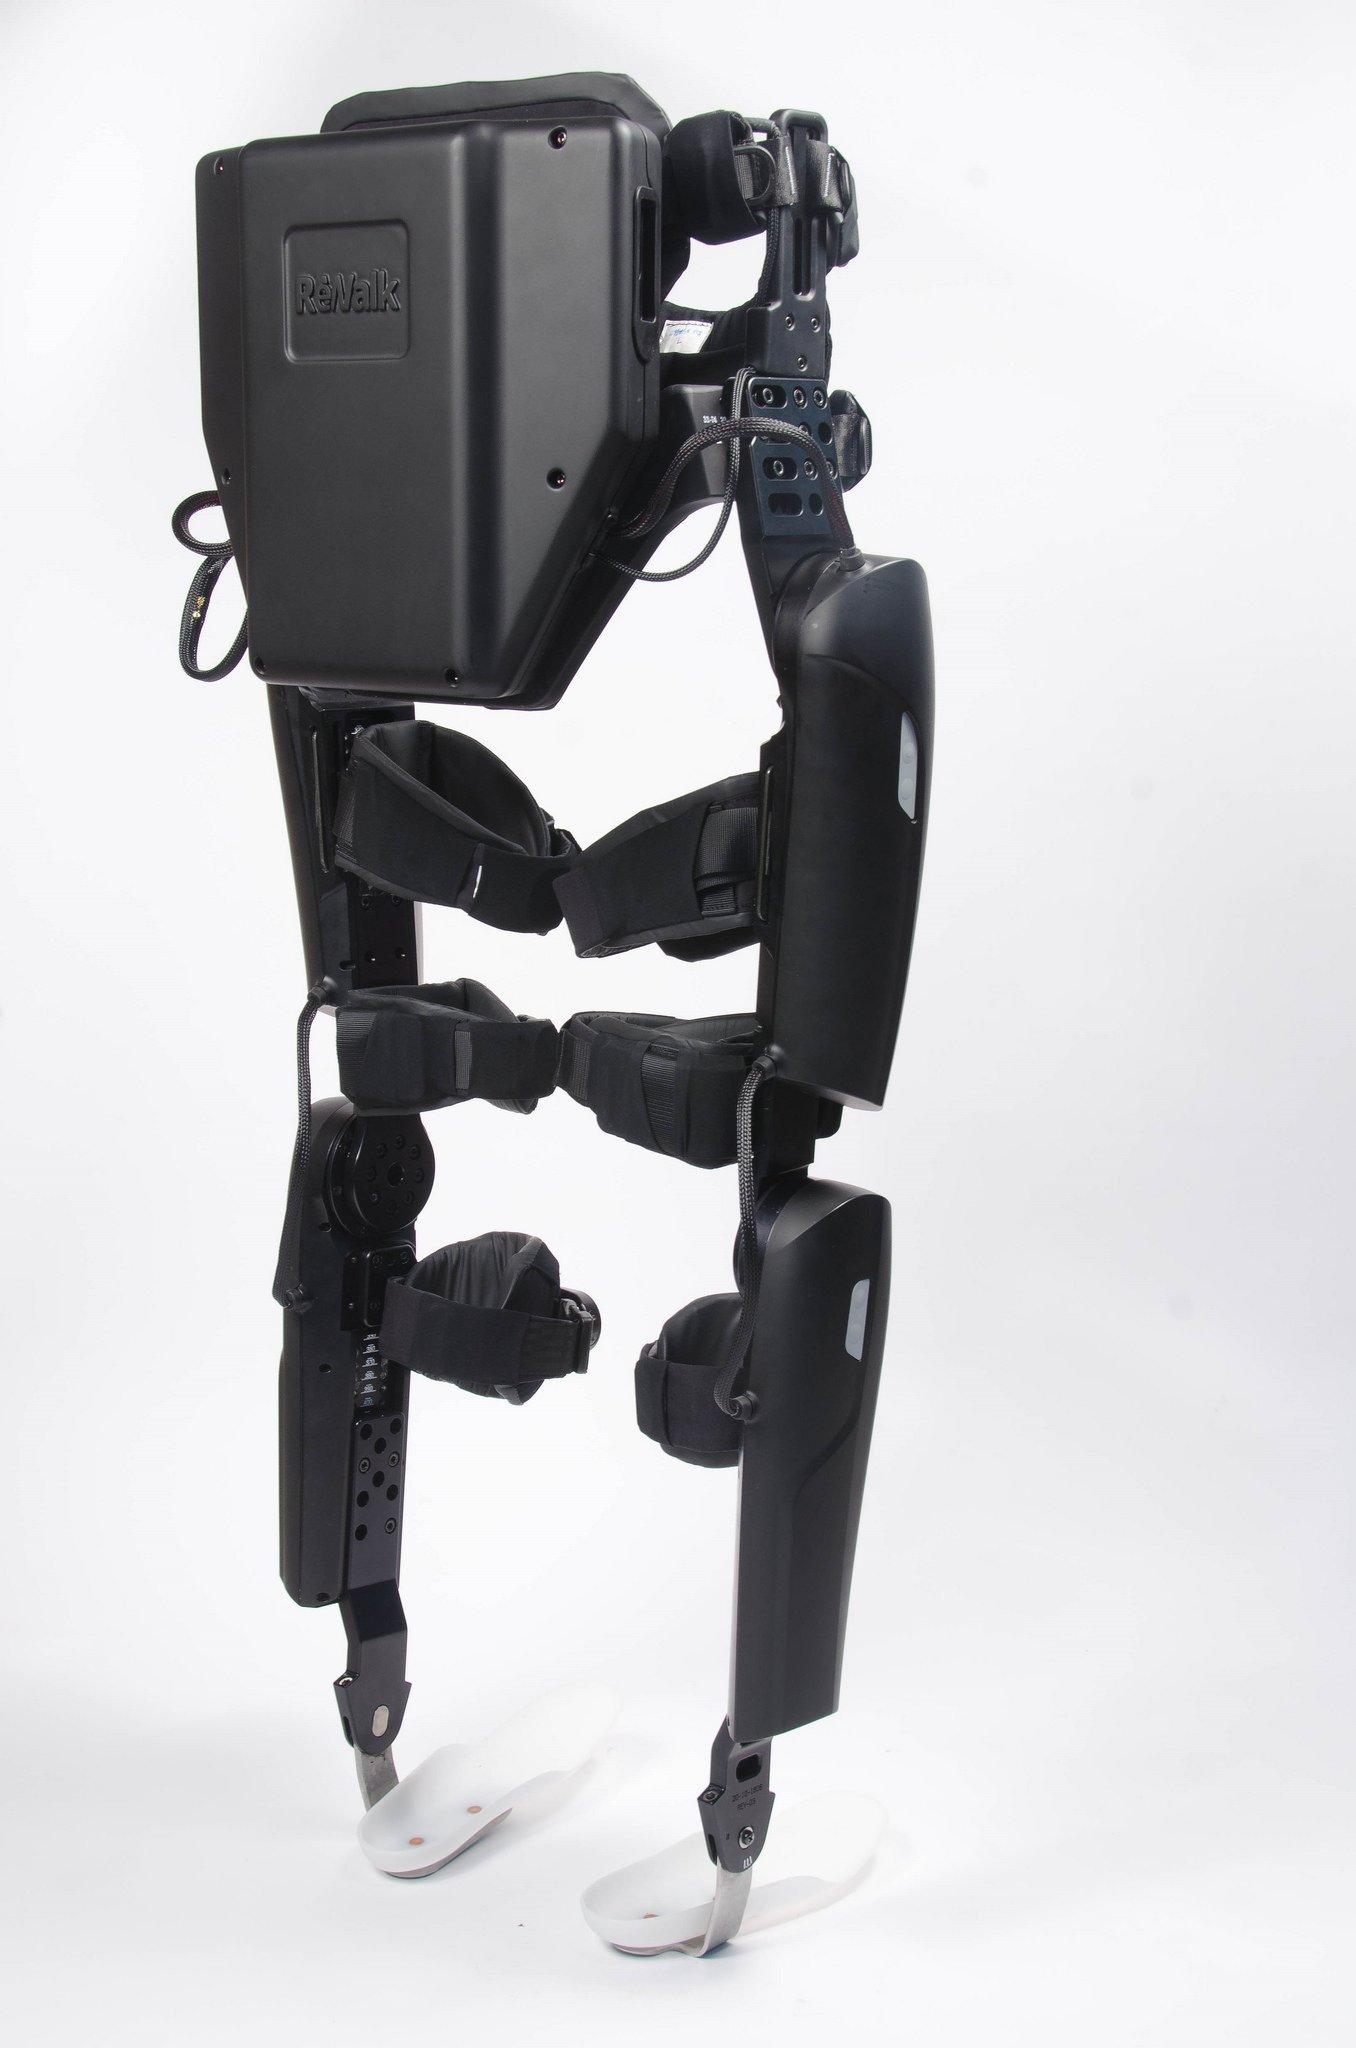 Bislang musste der Träger eines Exoskeletts sich zusätzlich einen Rucksack umschnallen, in dem sich für die Datenverarbeitung ein Computer samt Akkus befand. Im Modell 6.0 sind die Einheiten für Energieversorgung und Steuerelektronik so klein geworden, dass sie im hinteren Bereich der Stützstruktur untergebracht werden konnten.